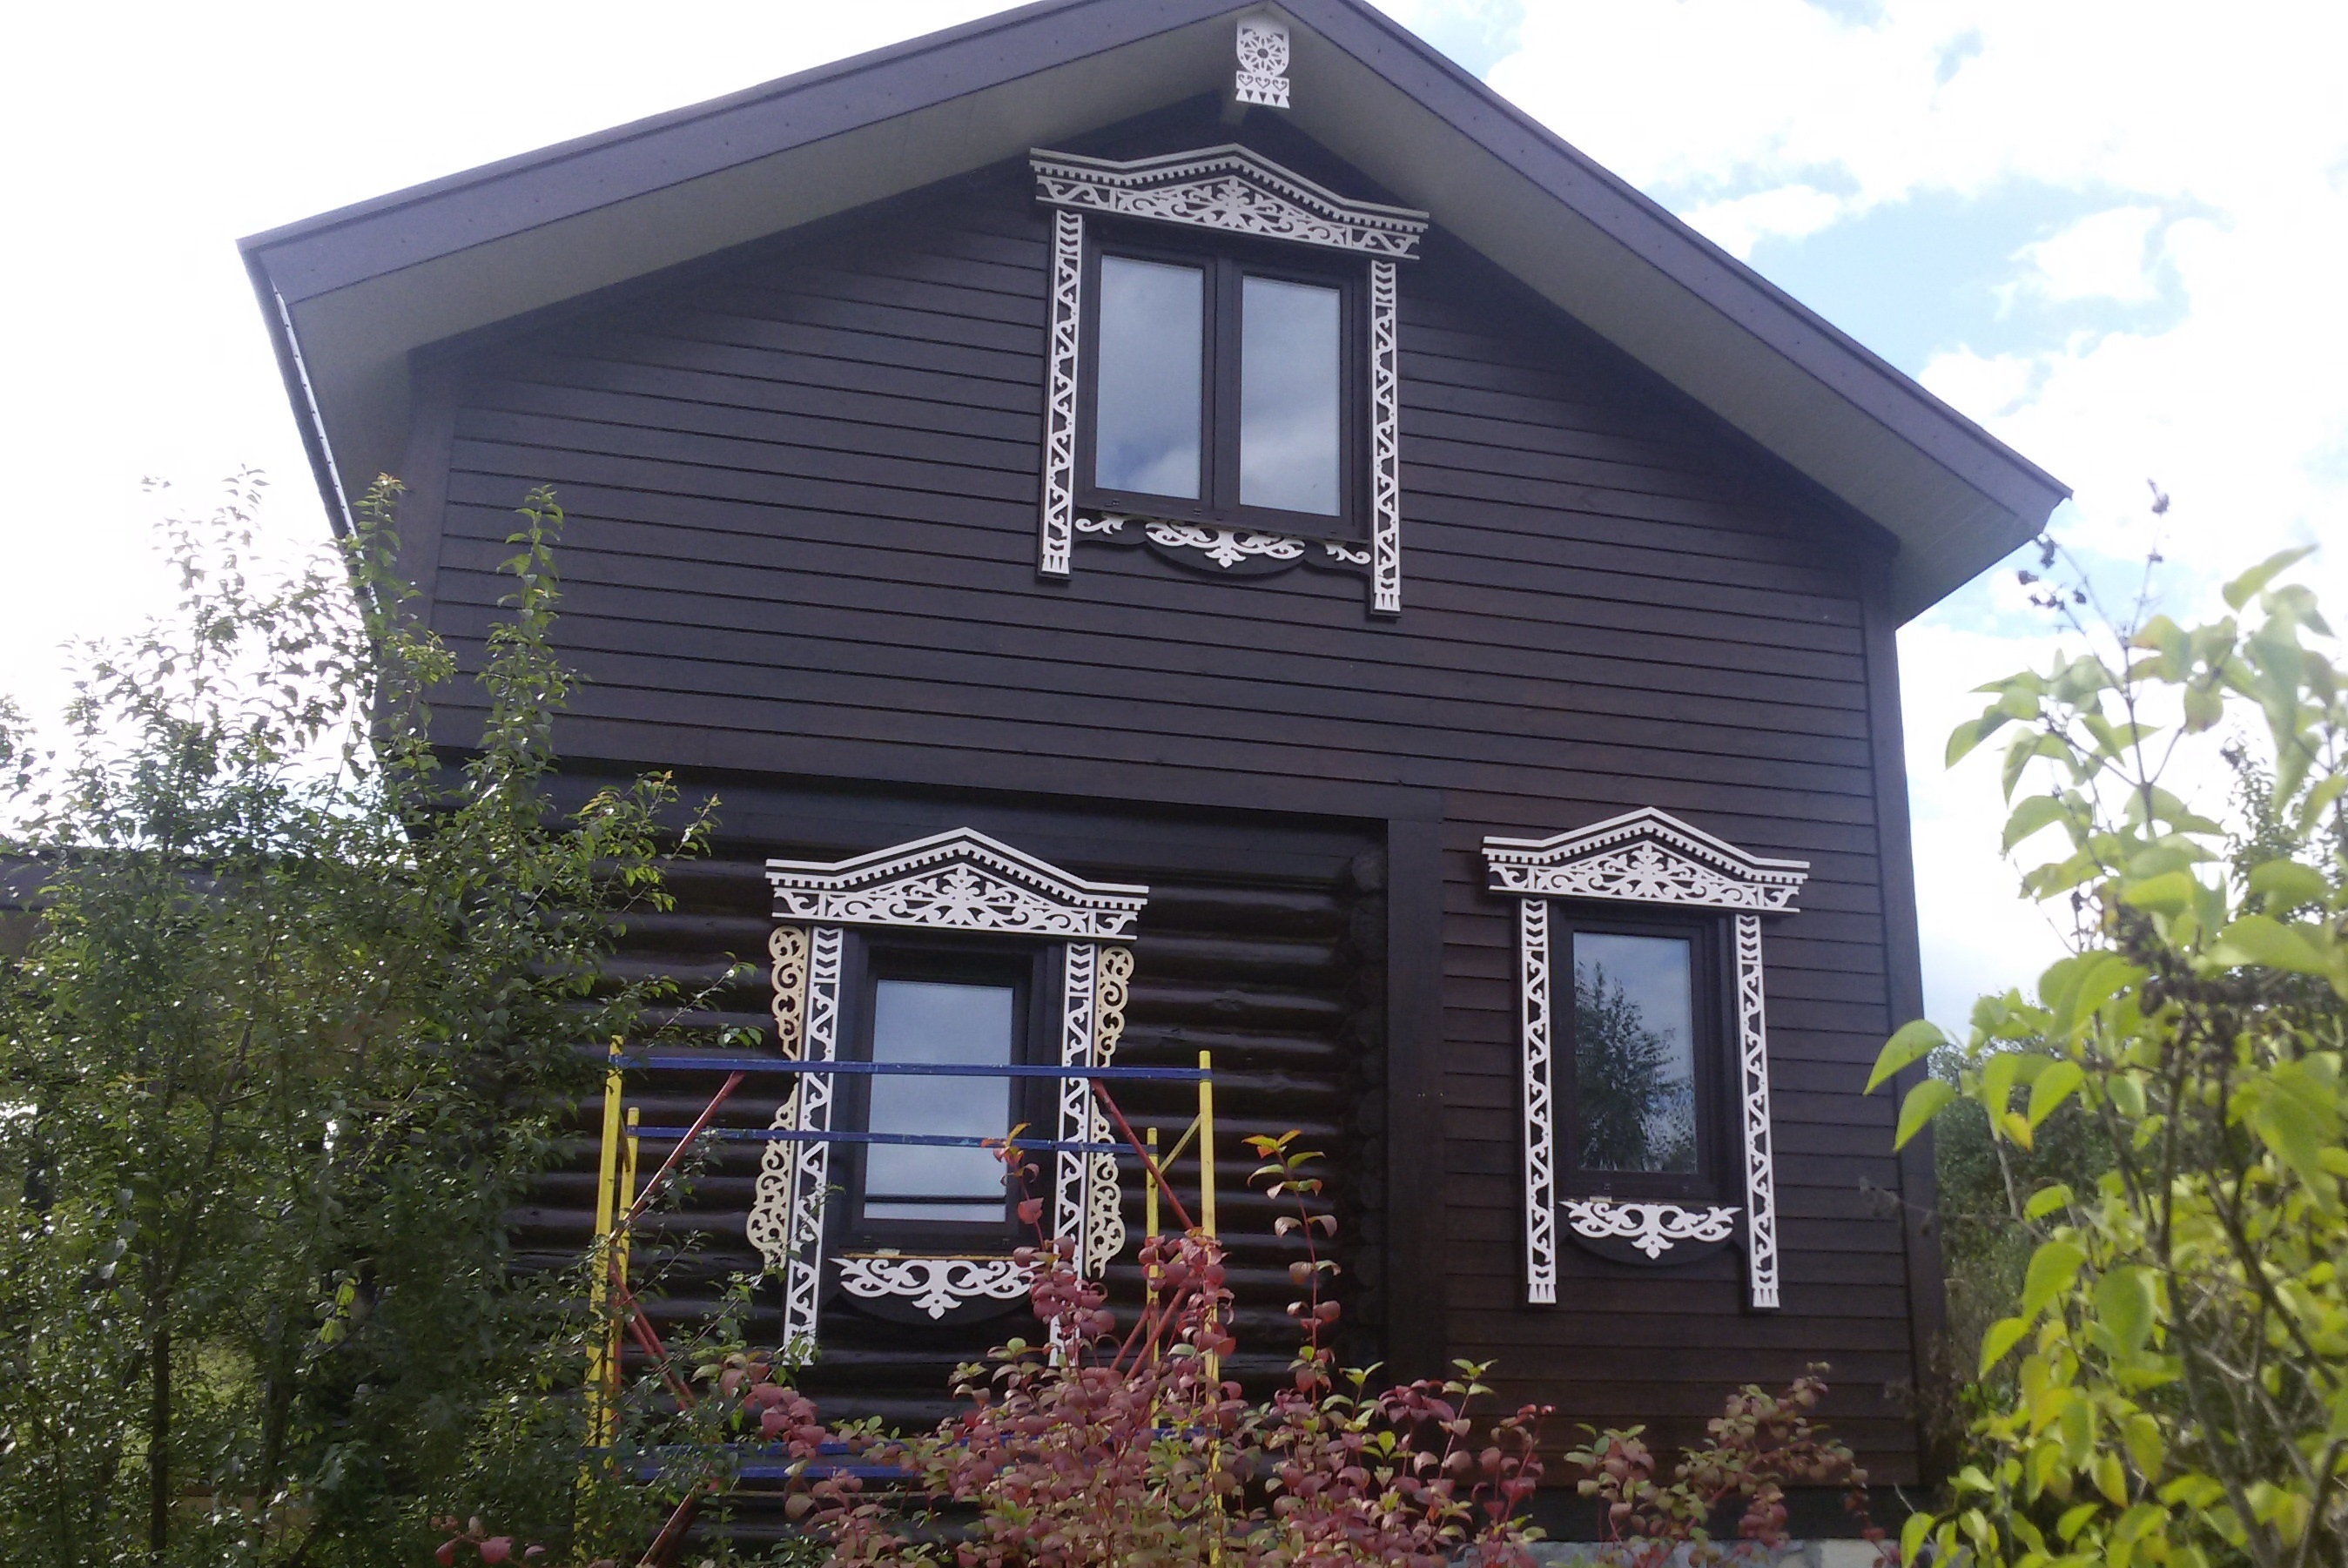 Утепление фасада это ремонт или реконструкция